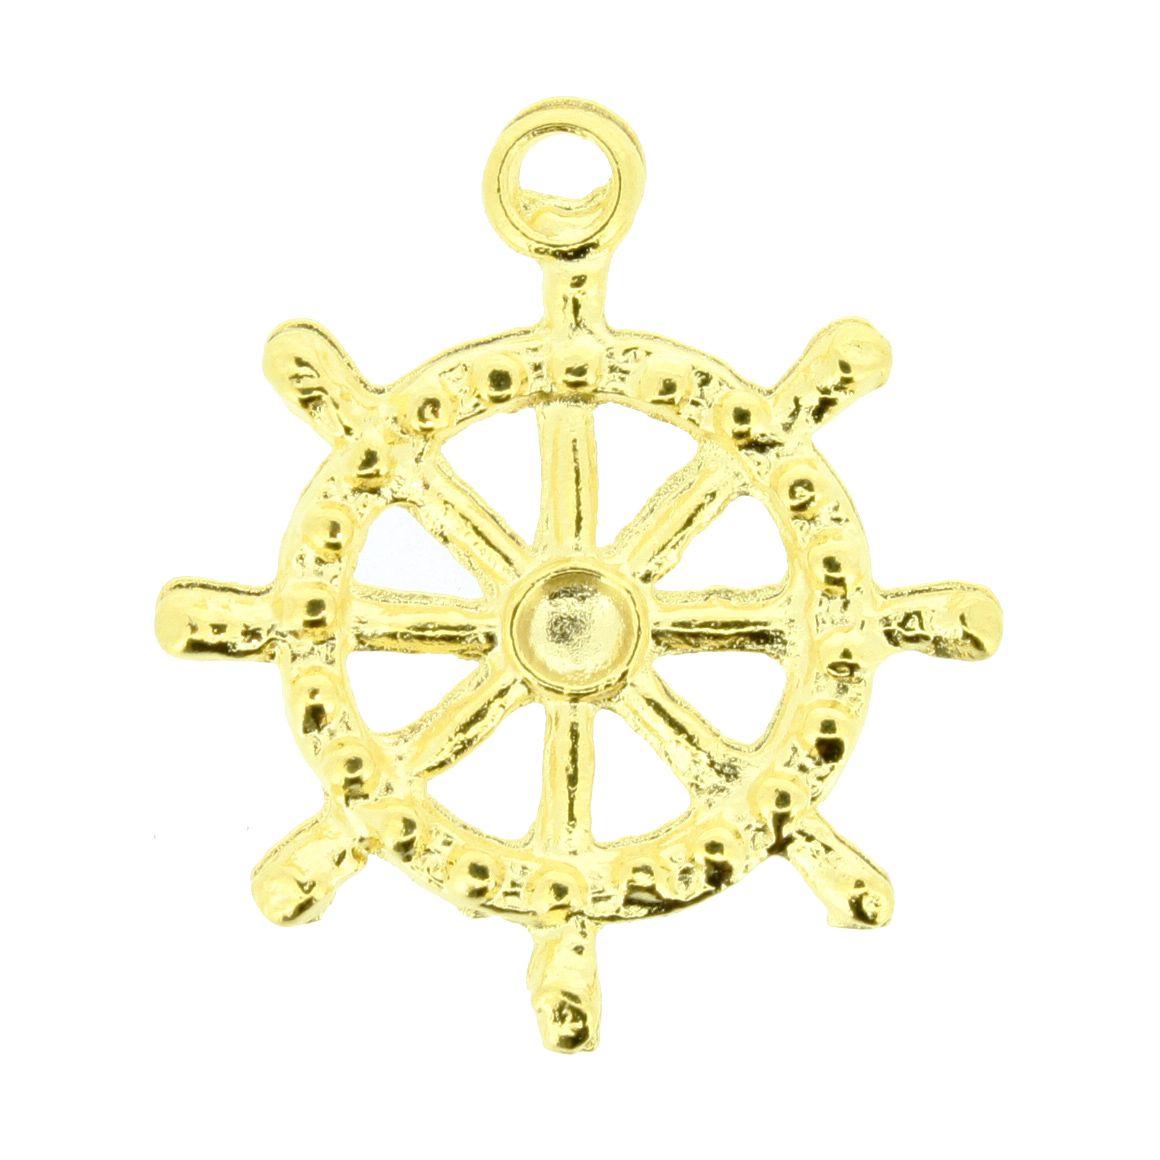 Timão - Dourada - 27mm  - Stéphanie Bijoux® - Peças para Bijuterias e Artesanato